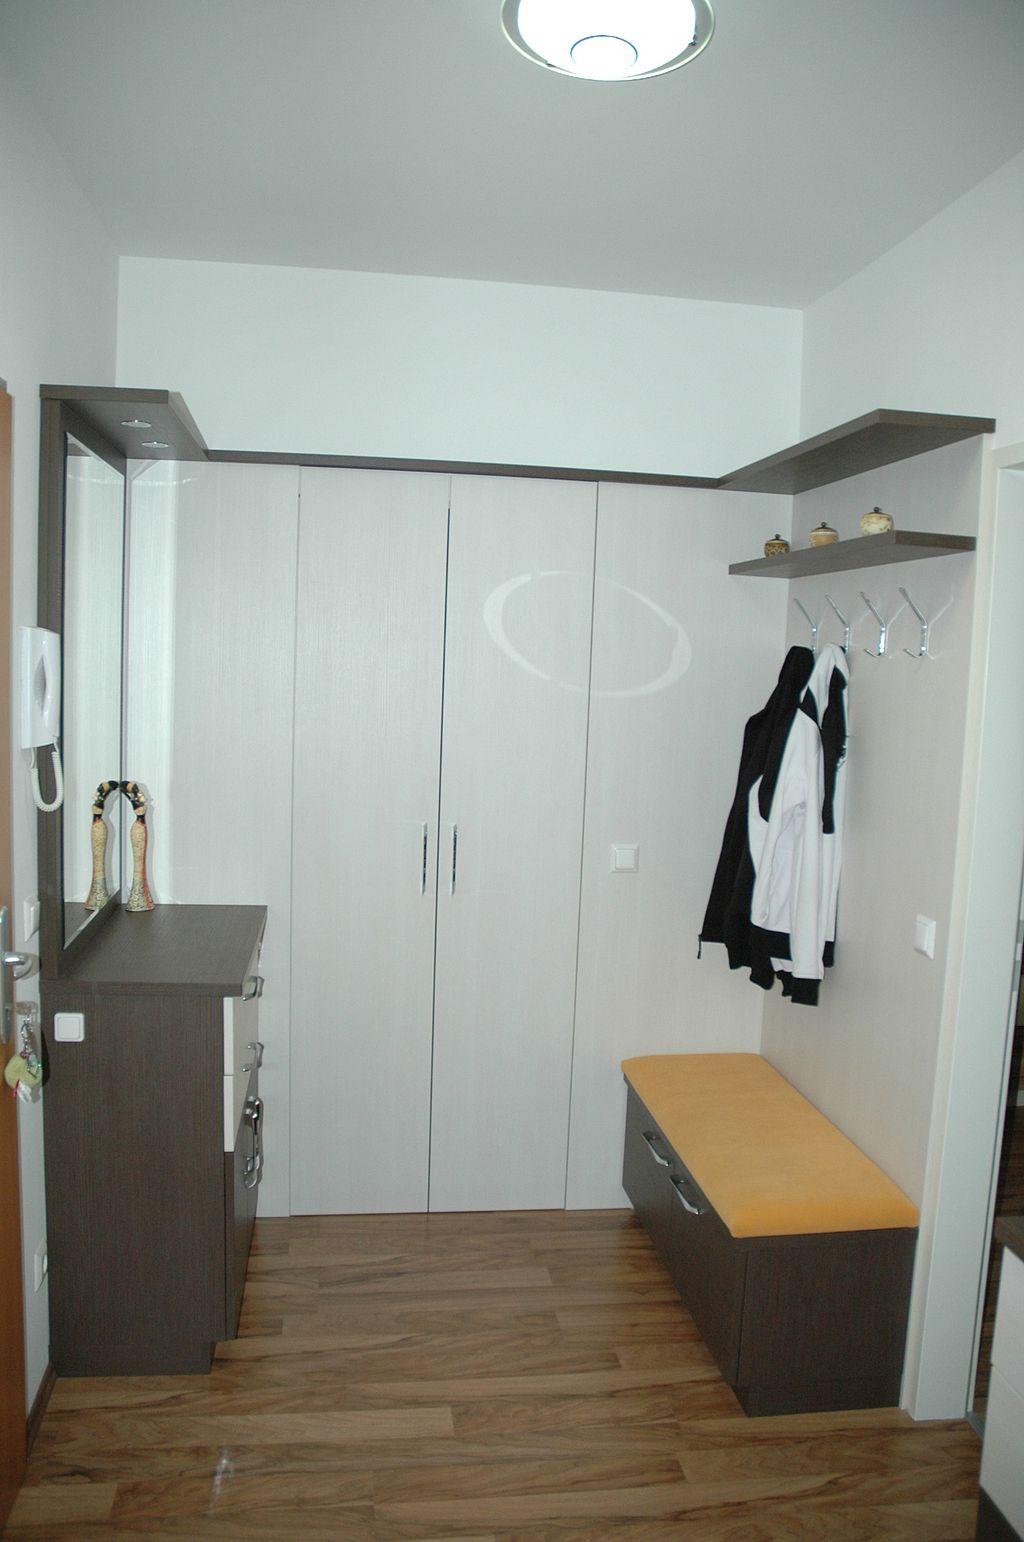 Vorzimmer mit Garderoberaum